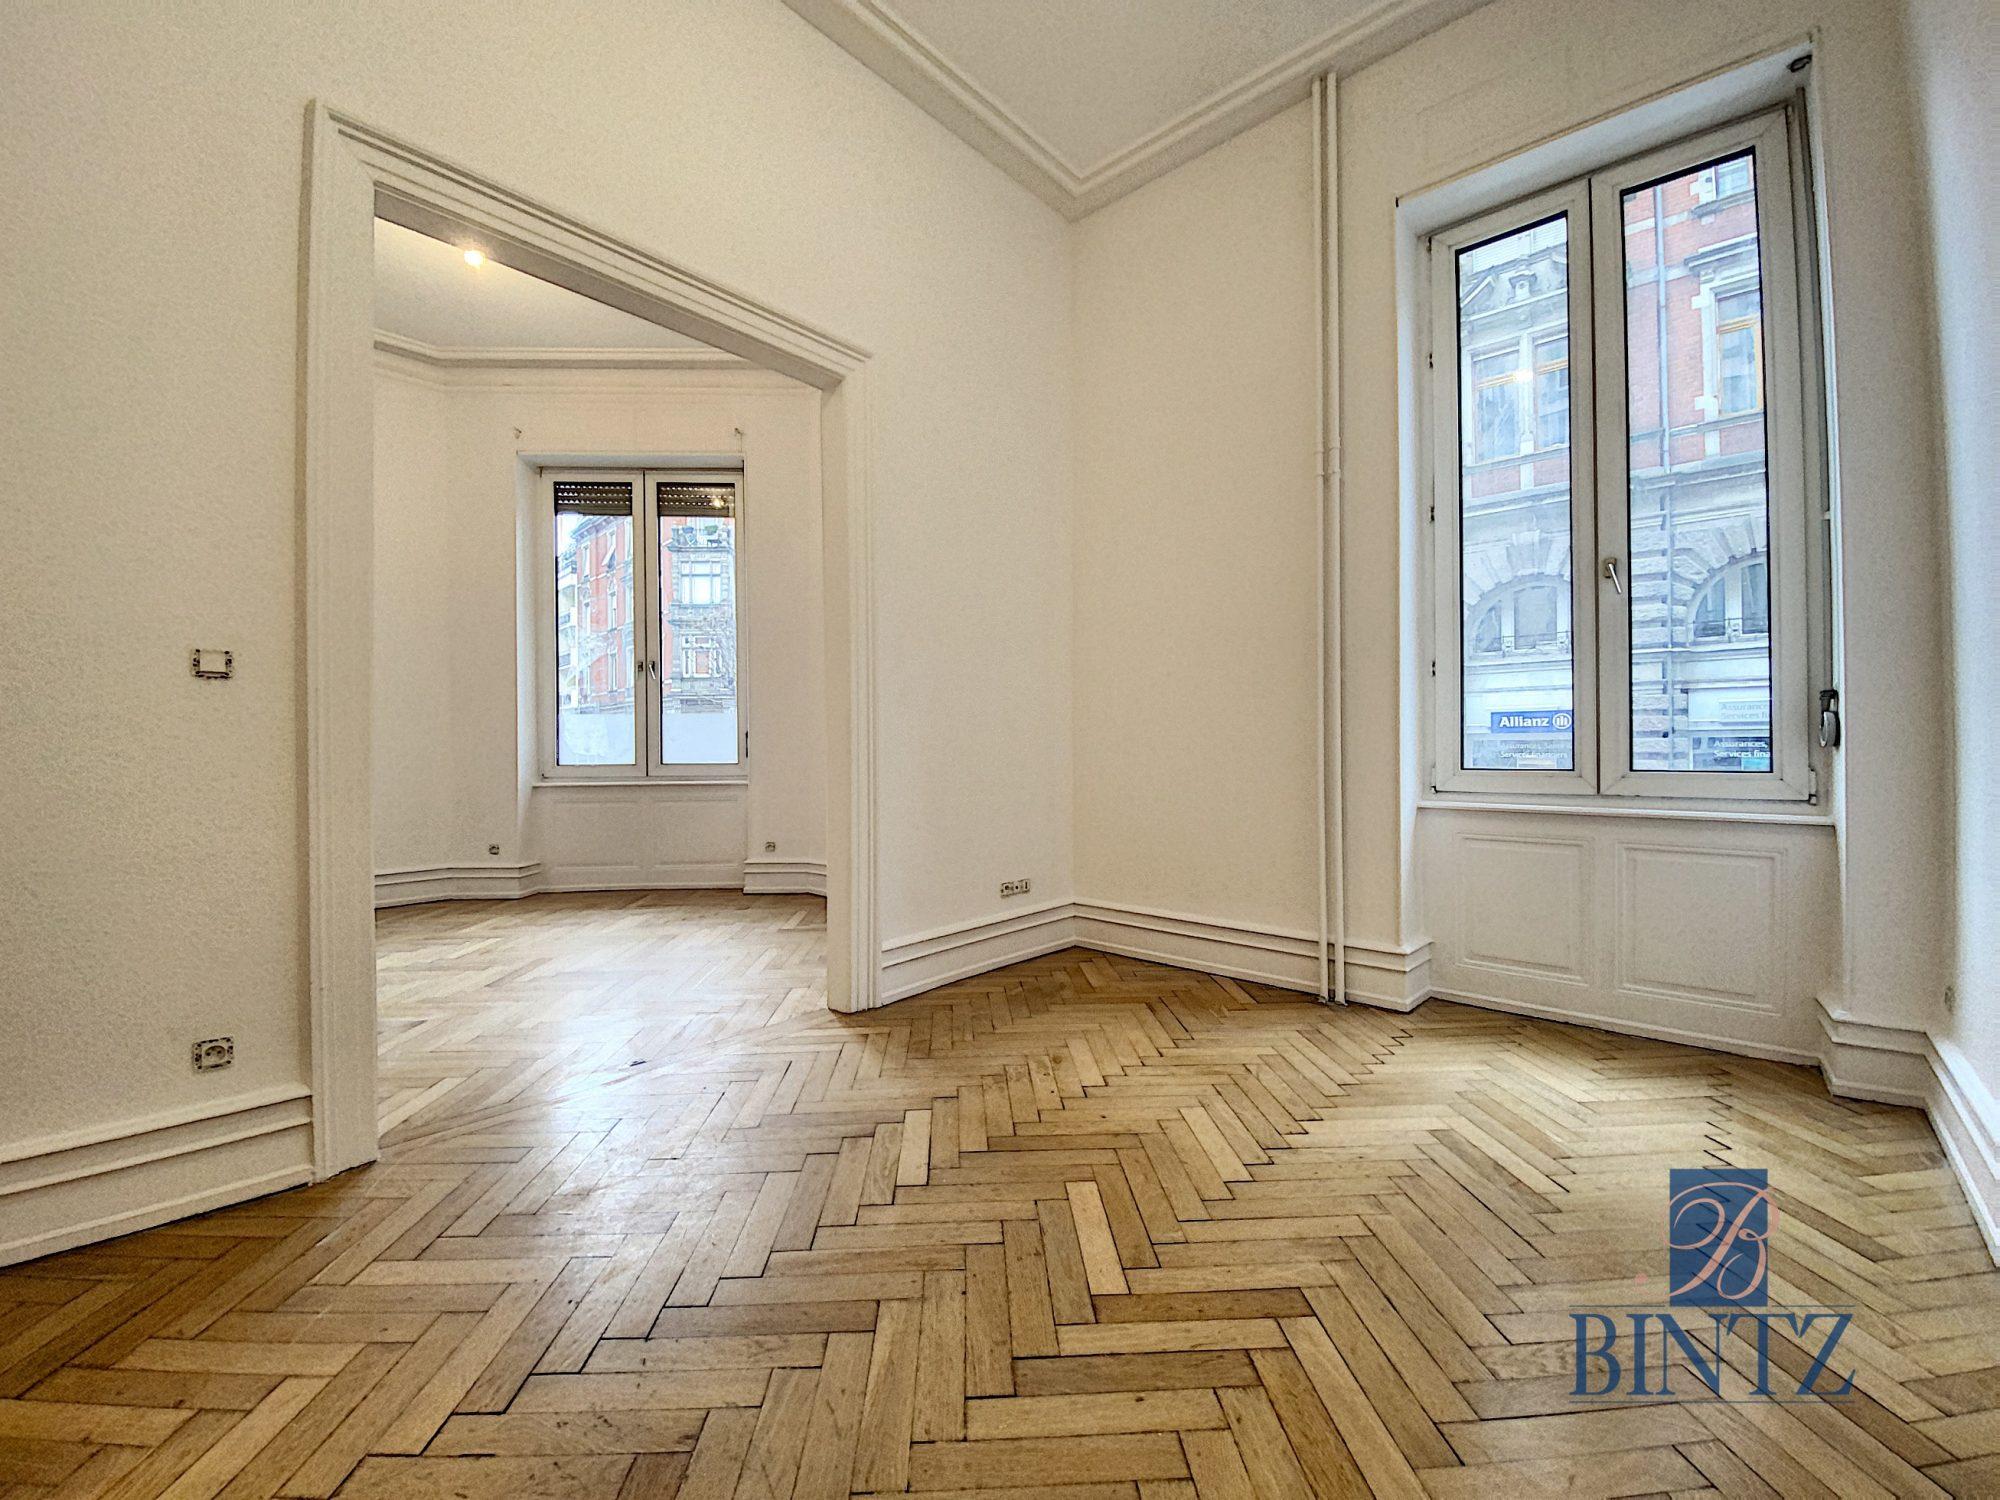 5 pièces rue Wimpheling - Devenez locataire en toute sérénité - Bintz Immobilier - 10